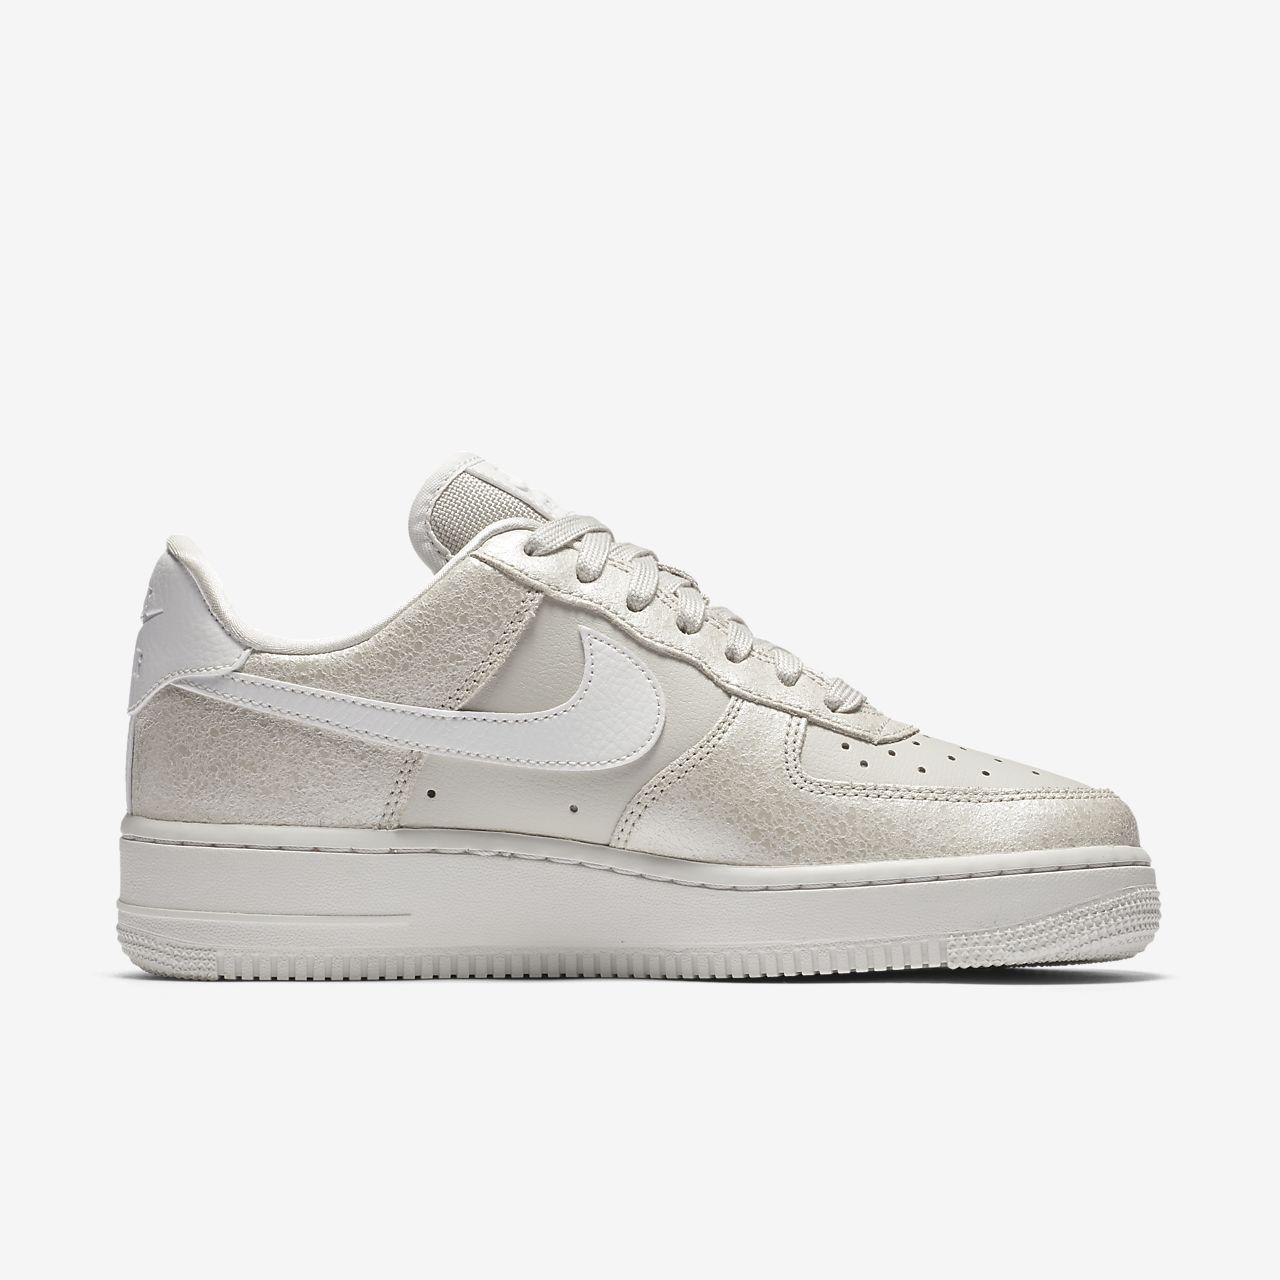 nike air force 1 herren low beige